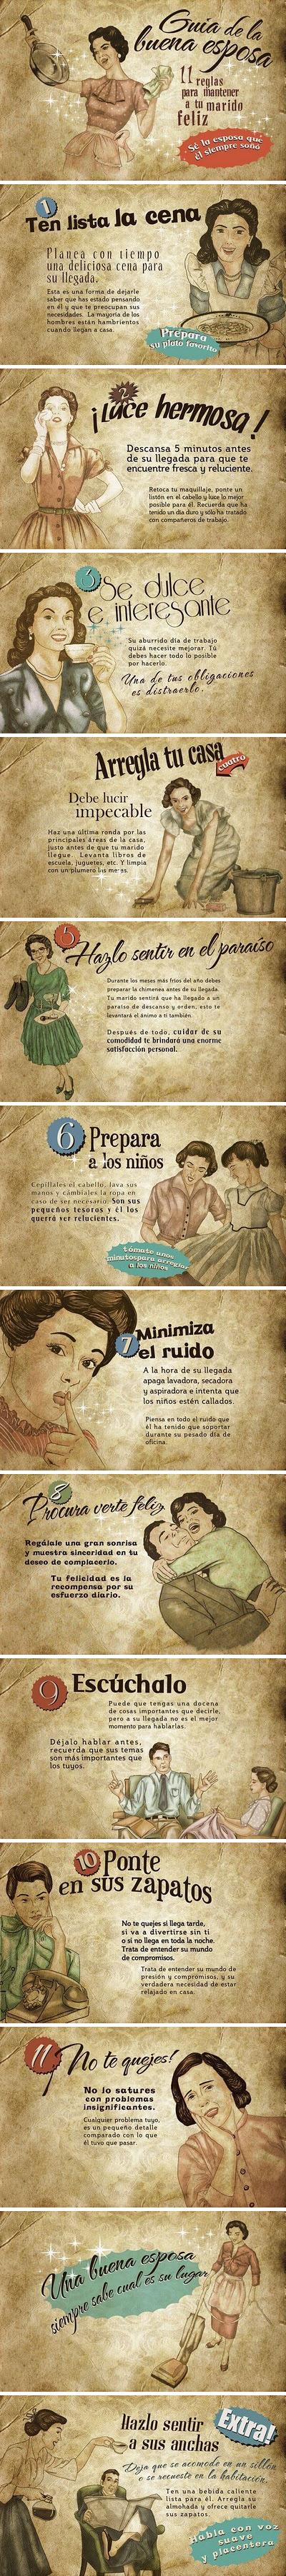 Guía de la buena esposa (1953)